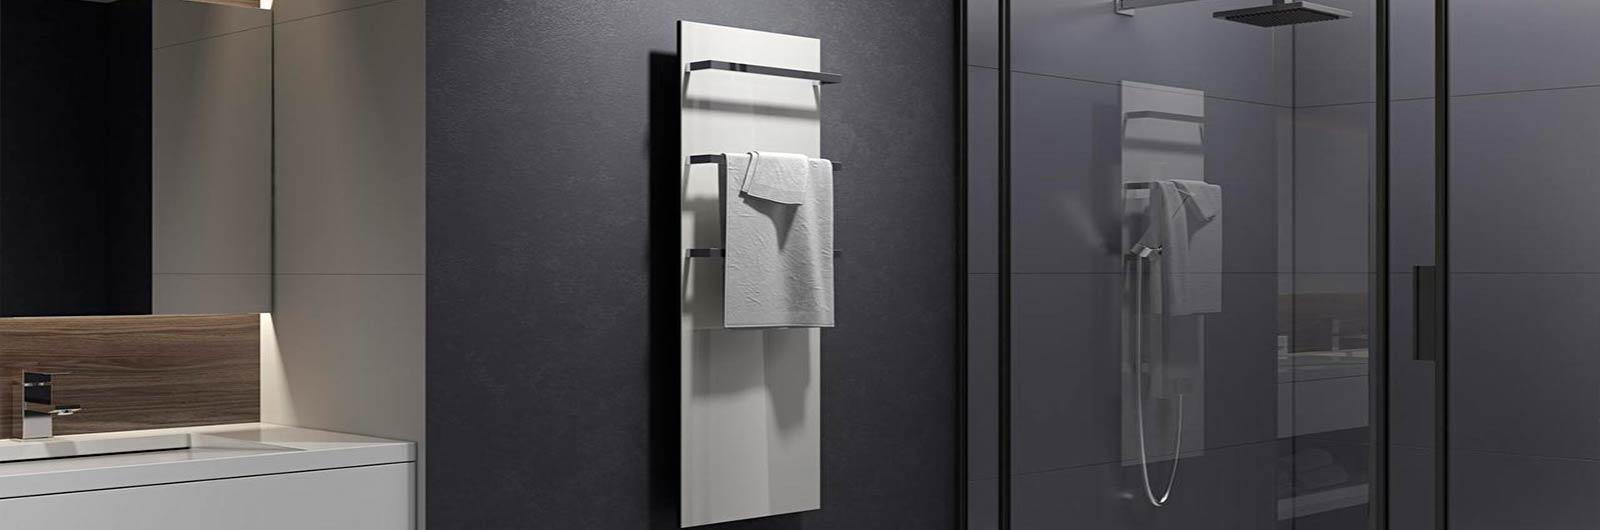 керамический полотенцесушитель: преимущества и особенности